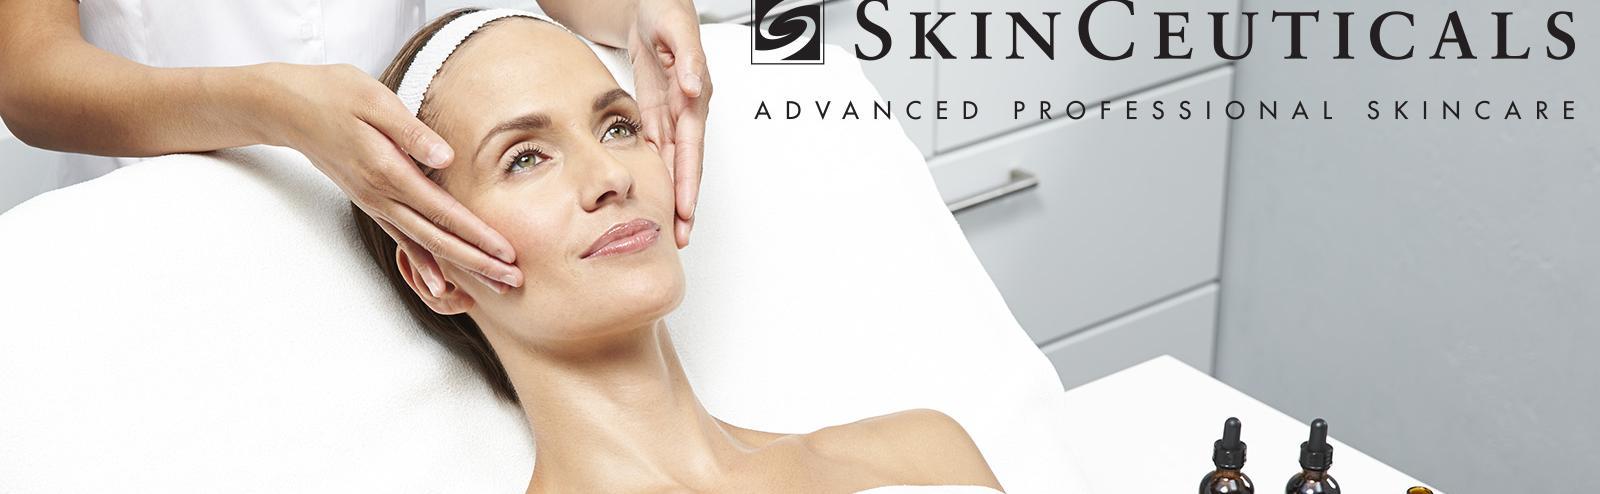 SkinCeuticals – революция в вопросах молодости и красоты